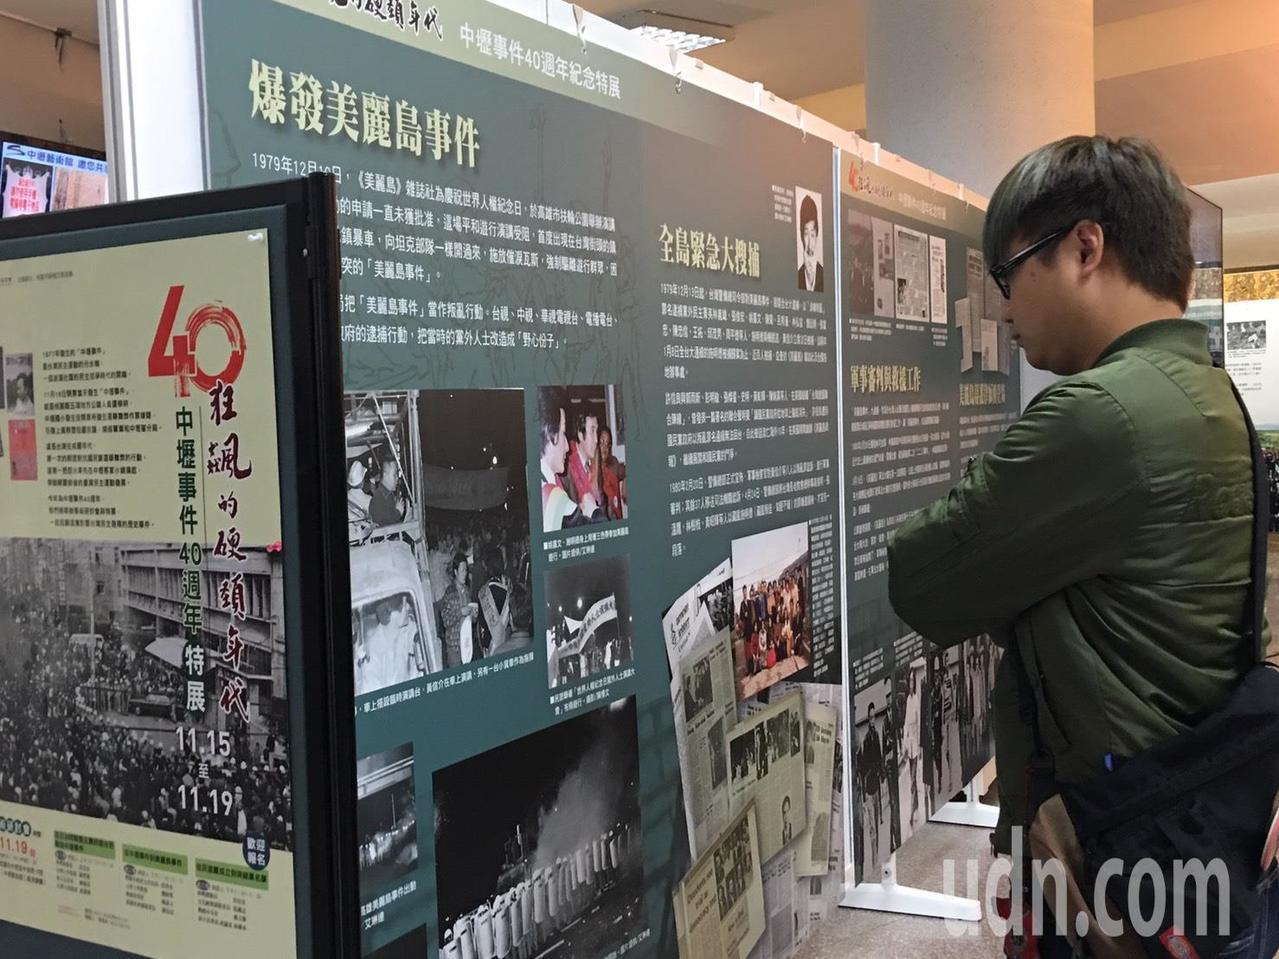 中壢事件40週年研討會「狂飆的硬頸年代」展出許多歷史資料。記者鄭國樑/攝影